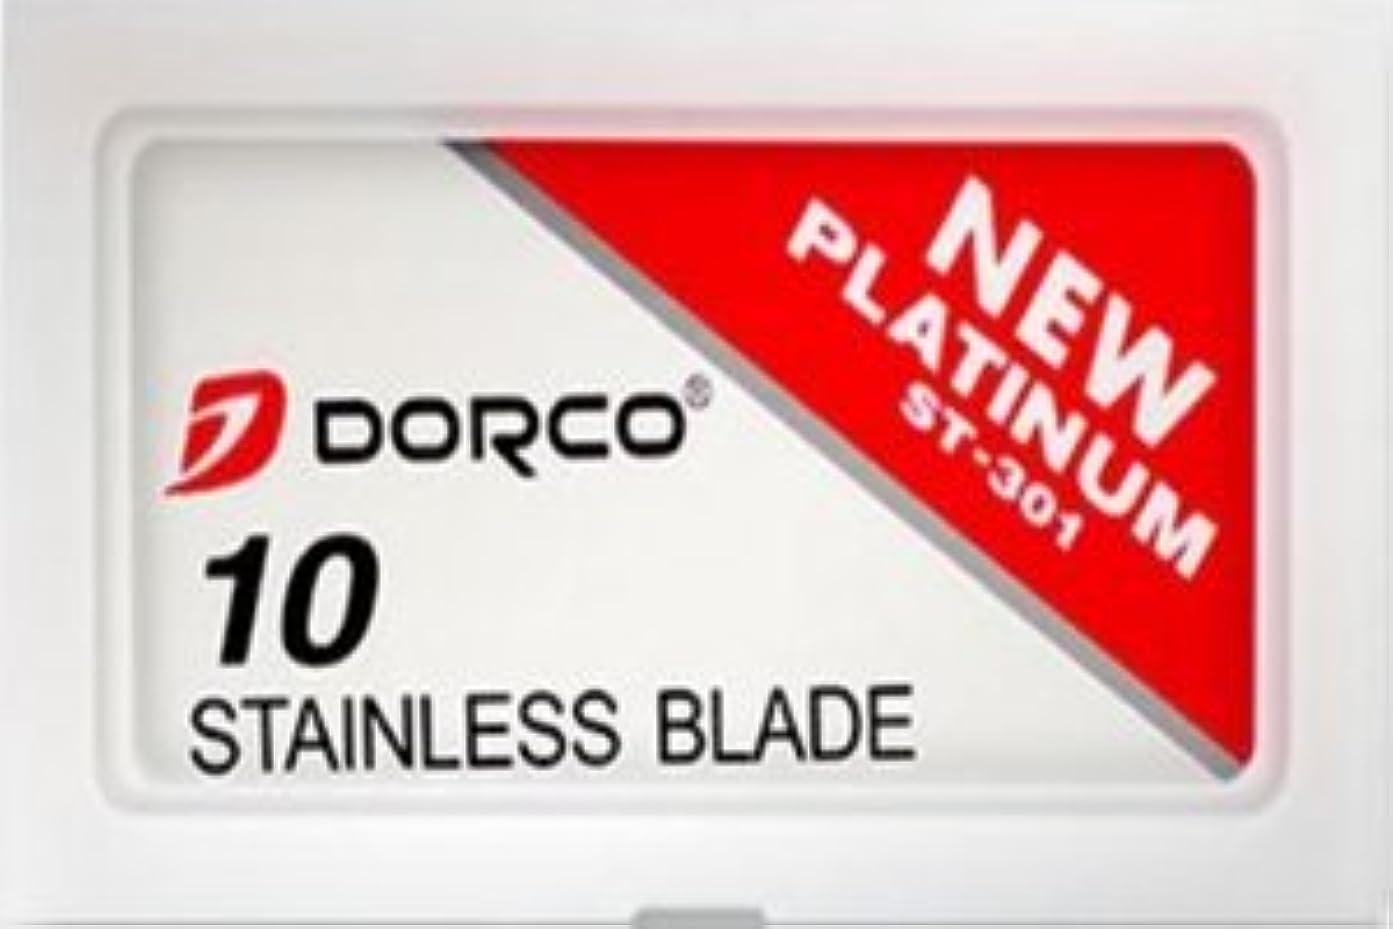 連合カリキュラム不信Dorco ST-301 Stainless 両刃替刃 10枚入り(10枚入り1 個セット)【並行輸入品】